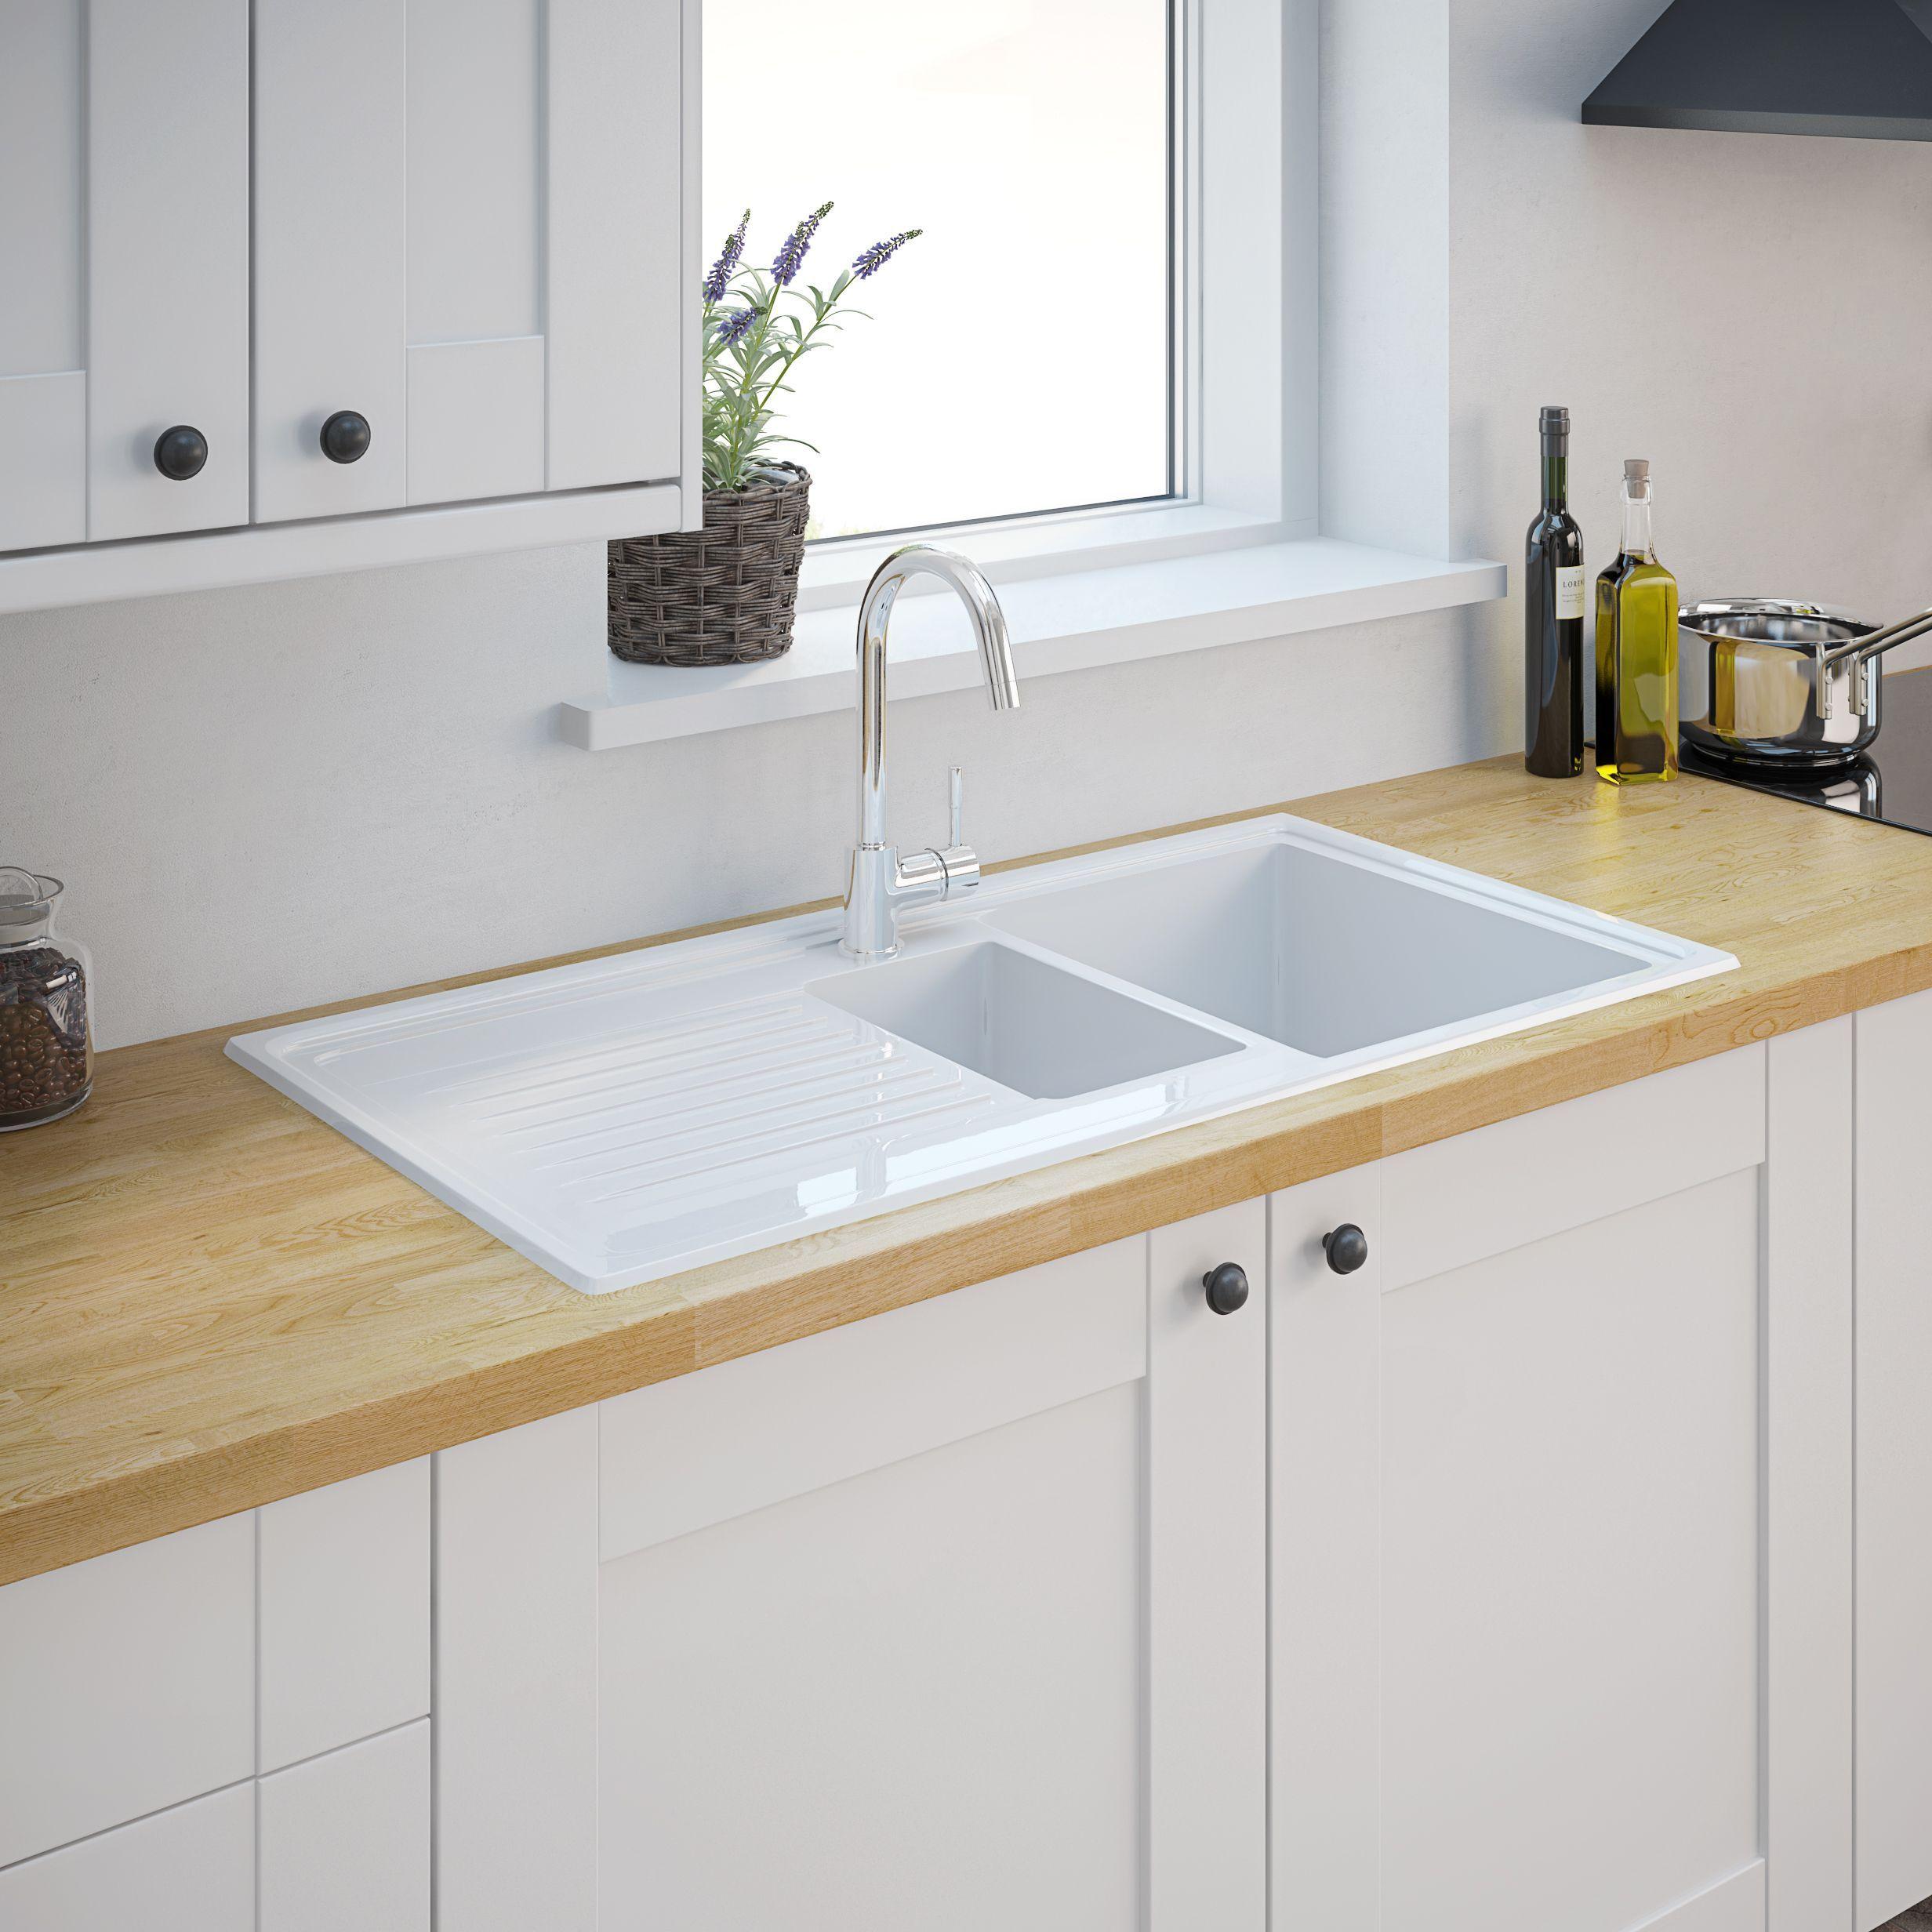 Cooke & Lewis Burbank White Ceramic 1.5 Bowl Sink